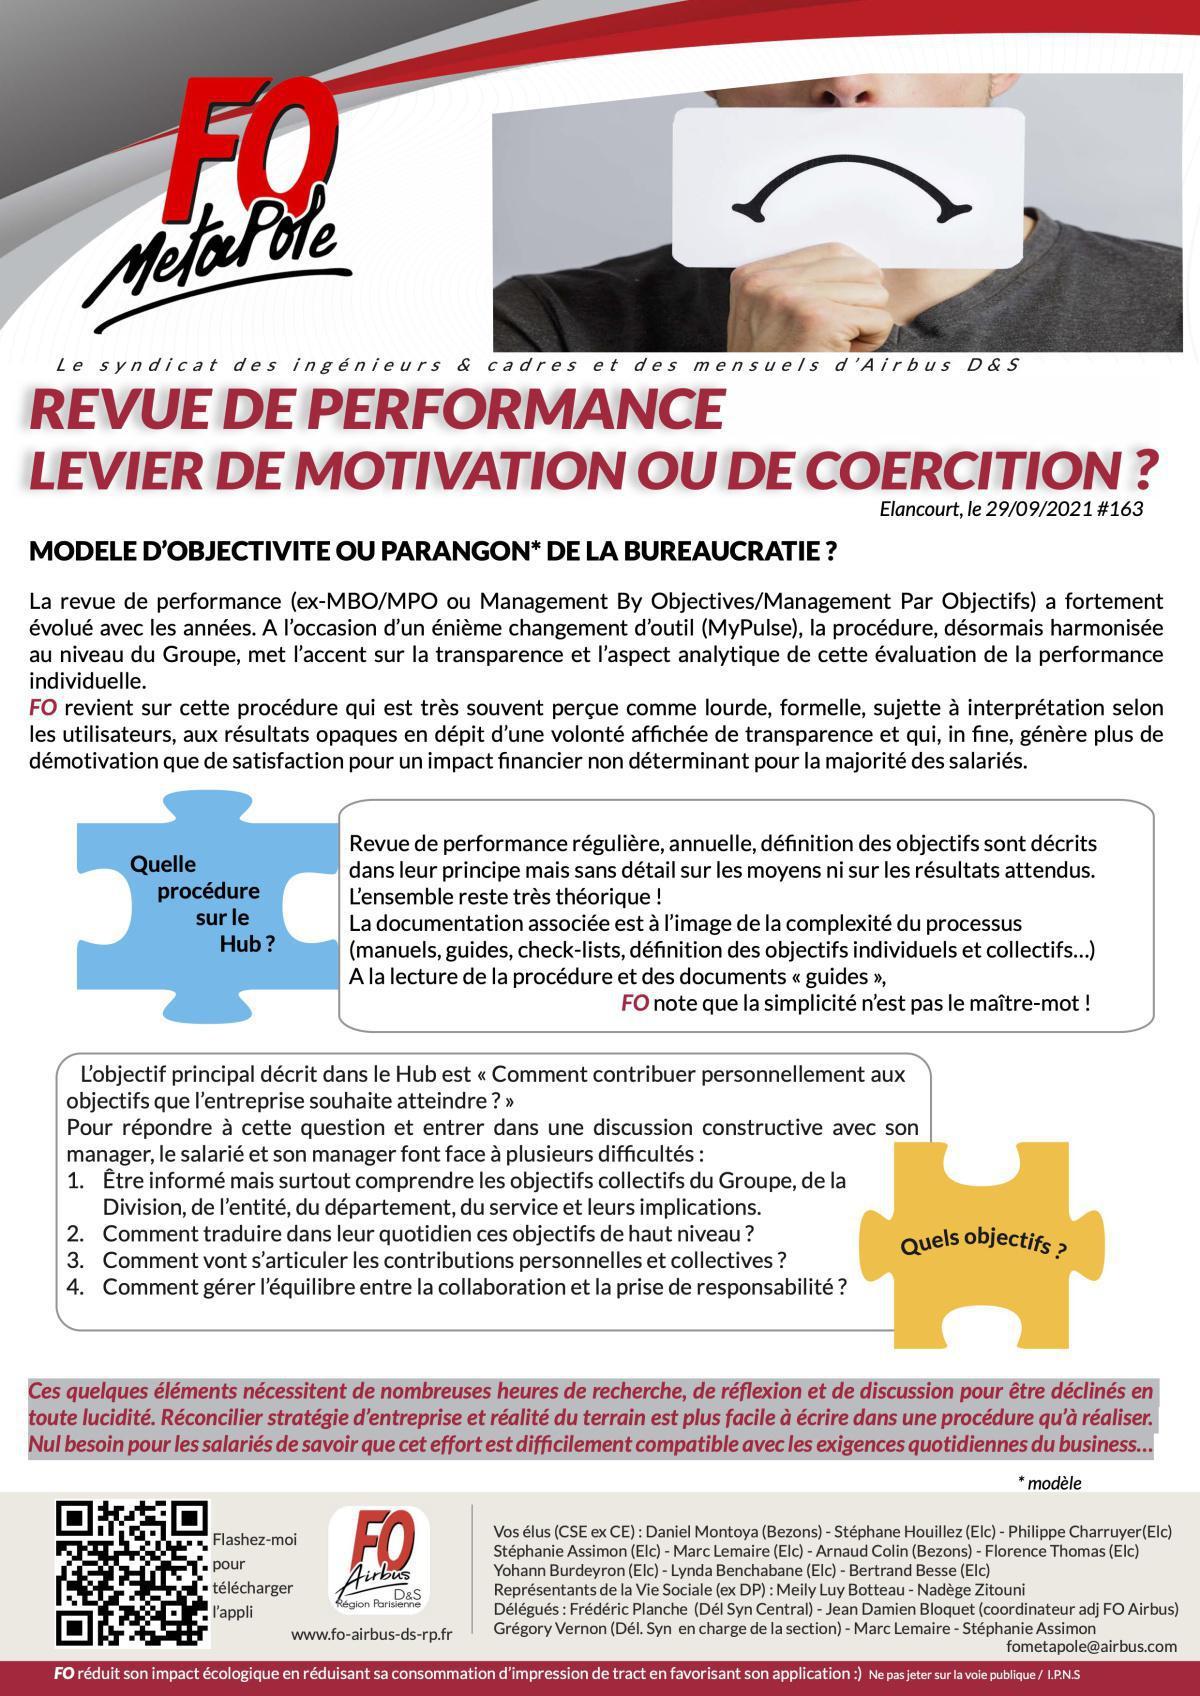 Revue de performance : levier de motivation ou de coercition ?